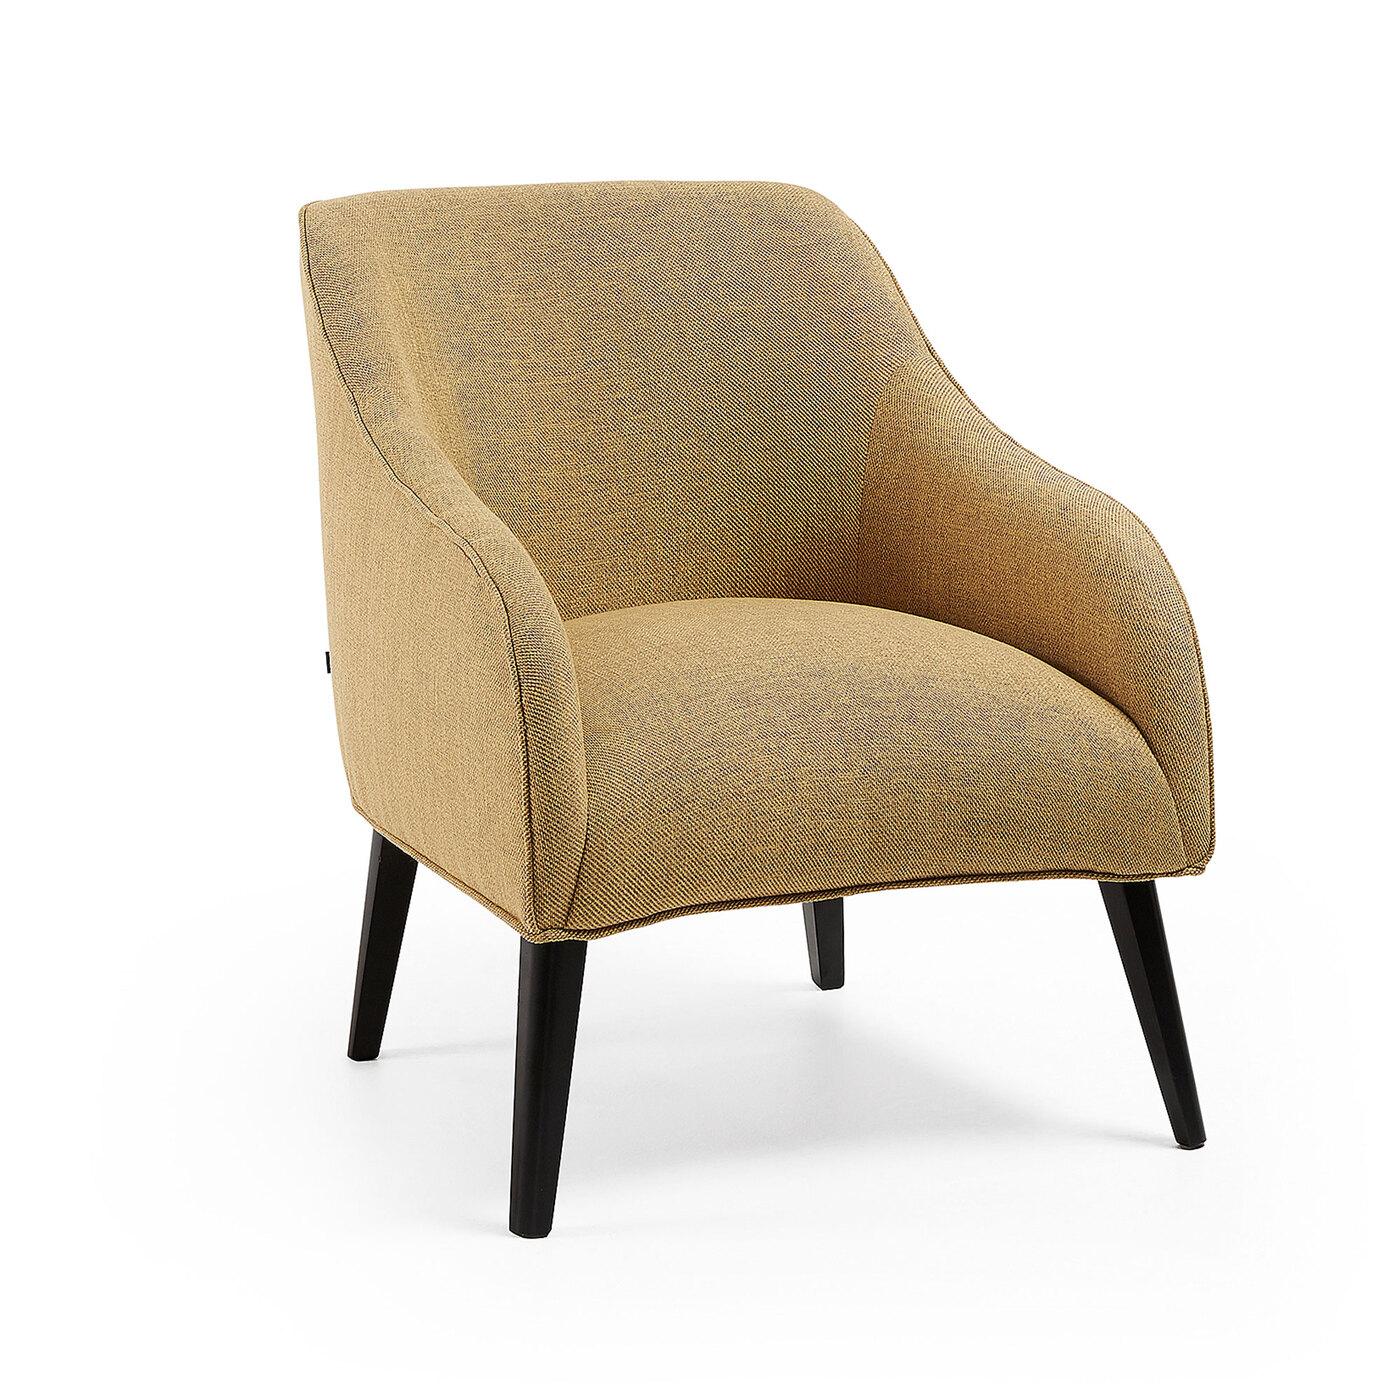 Кресло Lobby горчичное Ш.65 В.80 Г.75 Вес 13.3кг; Материал Дерево, Ткань; Цвет Желтый